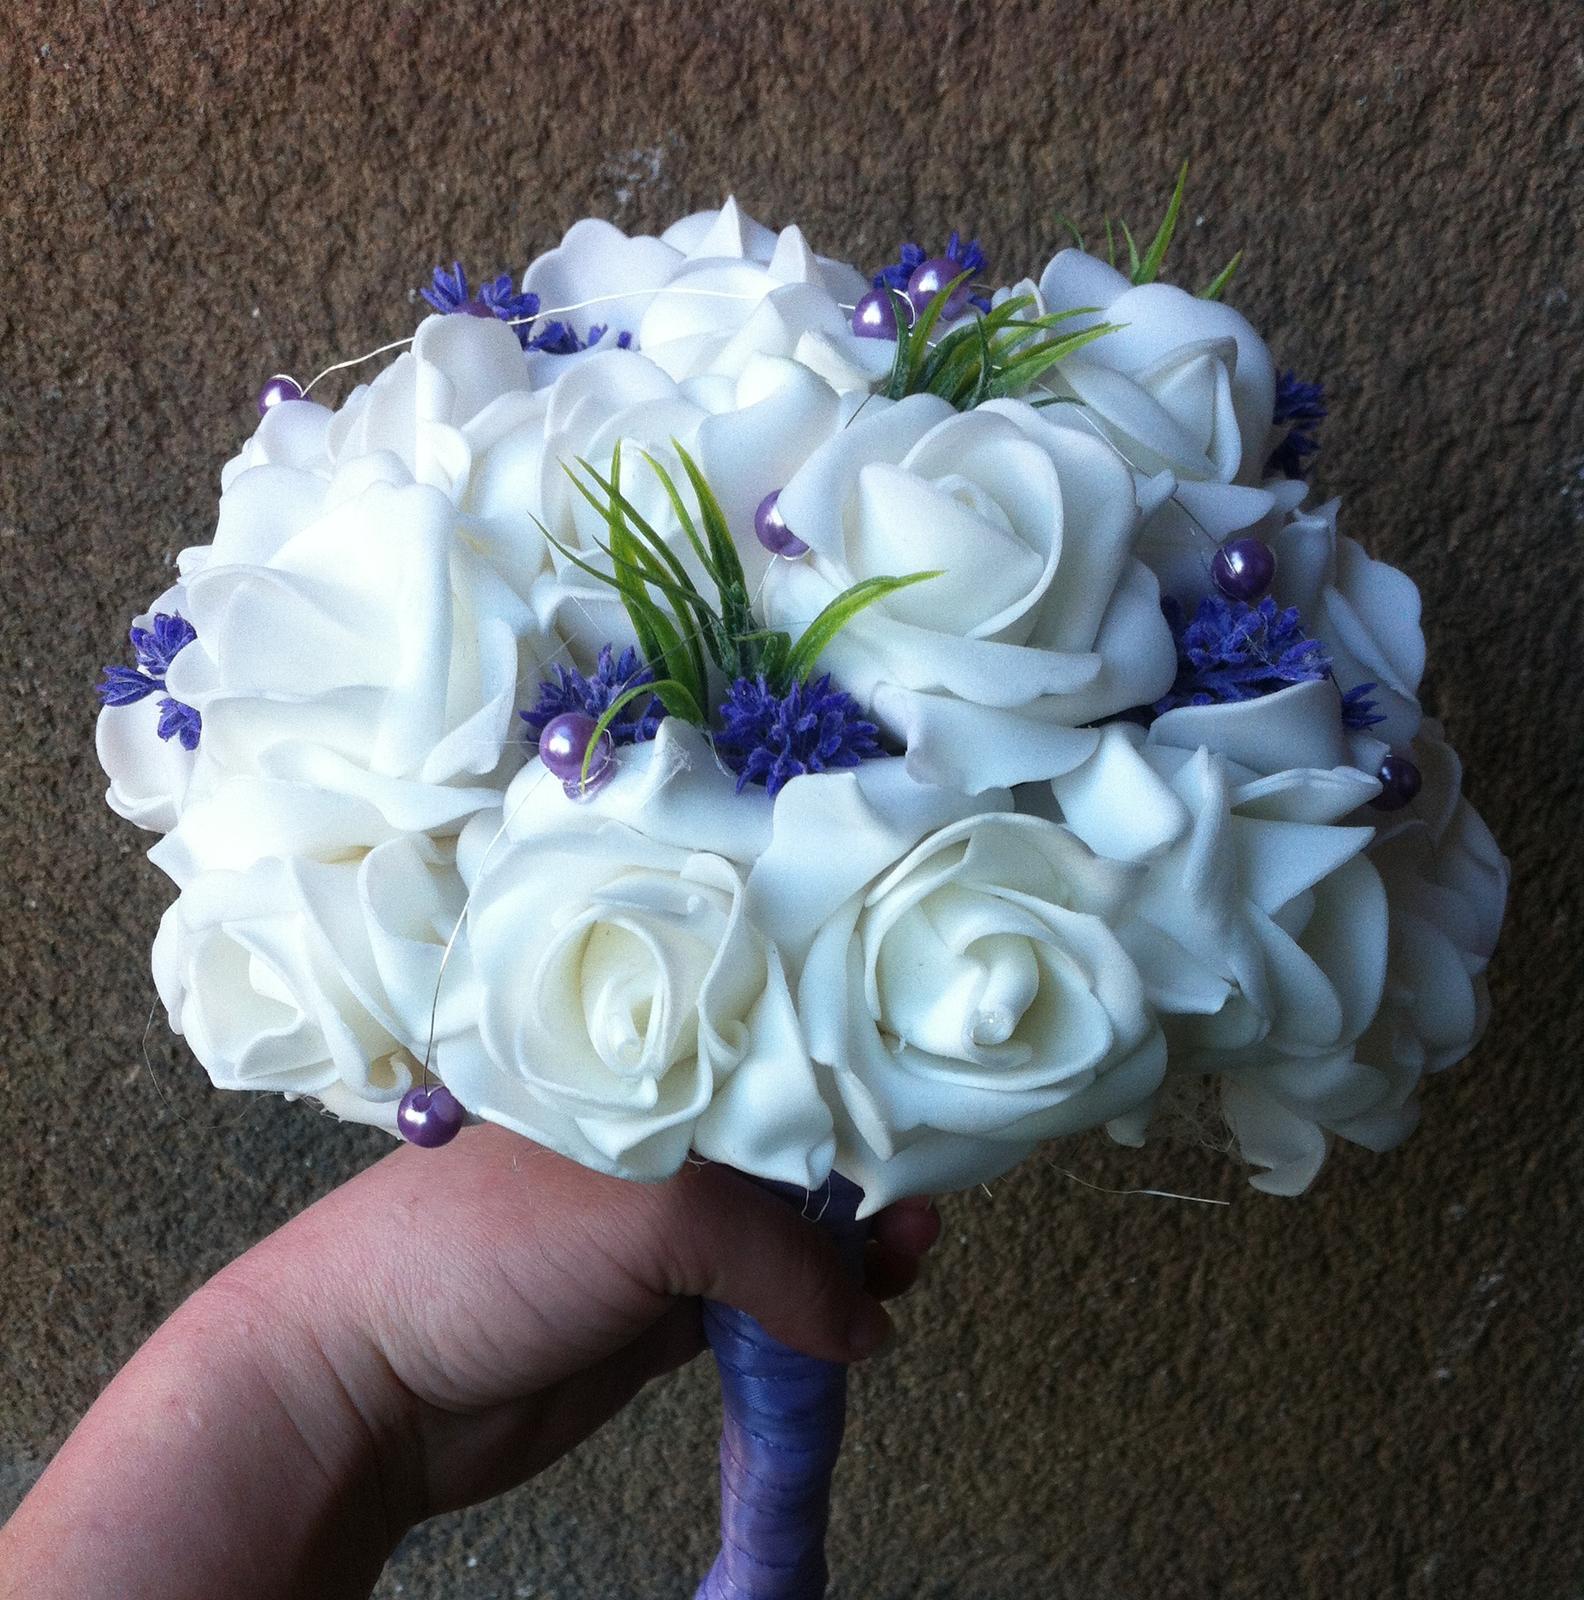 Netradiční svatební kytice - pěnové růžičky + polštářky pod prstýnky, košíčky - Obrázek č. 102